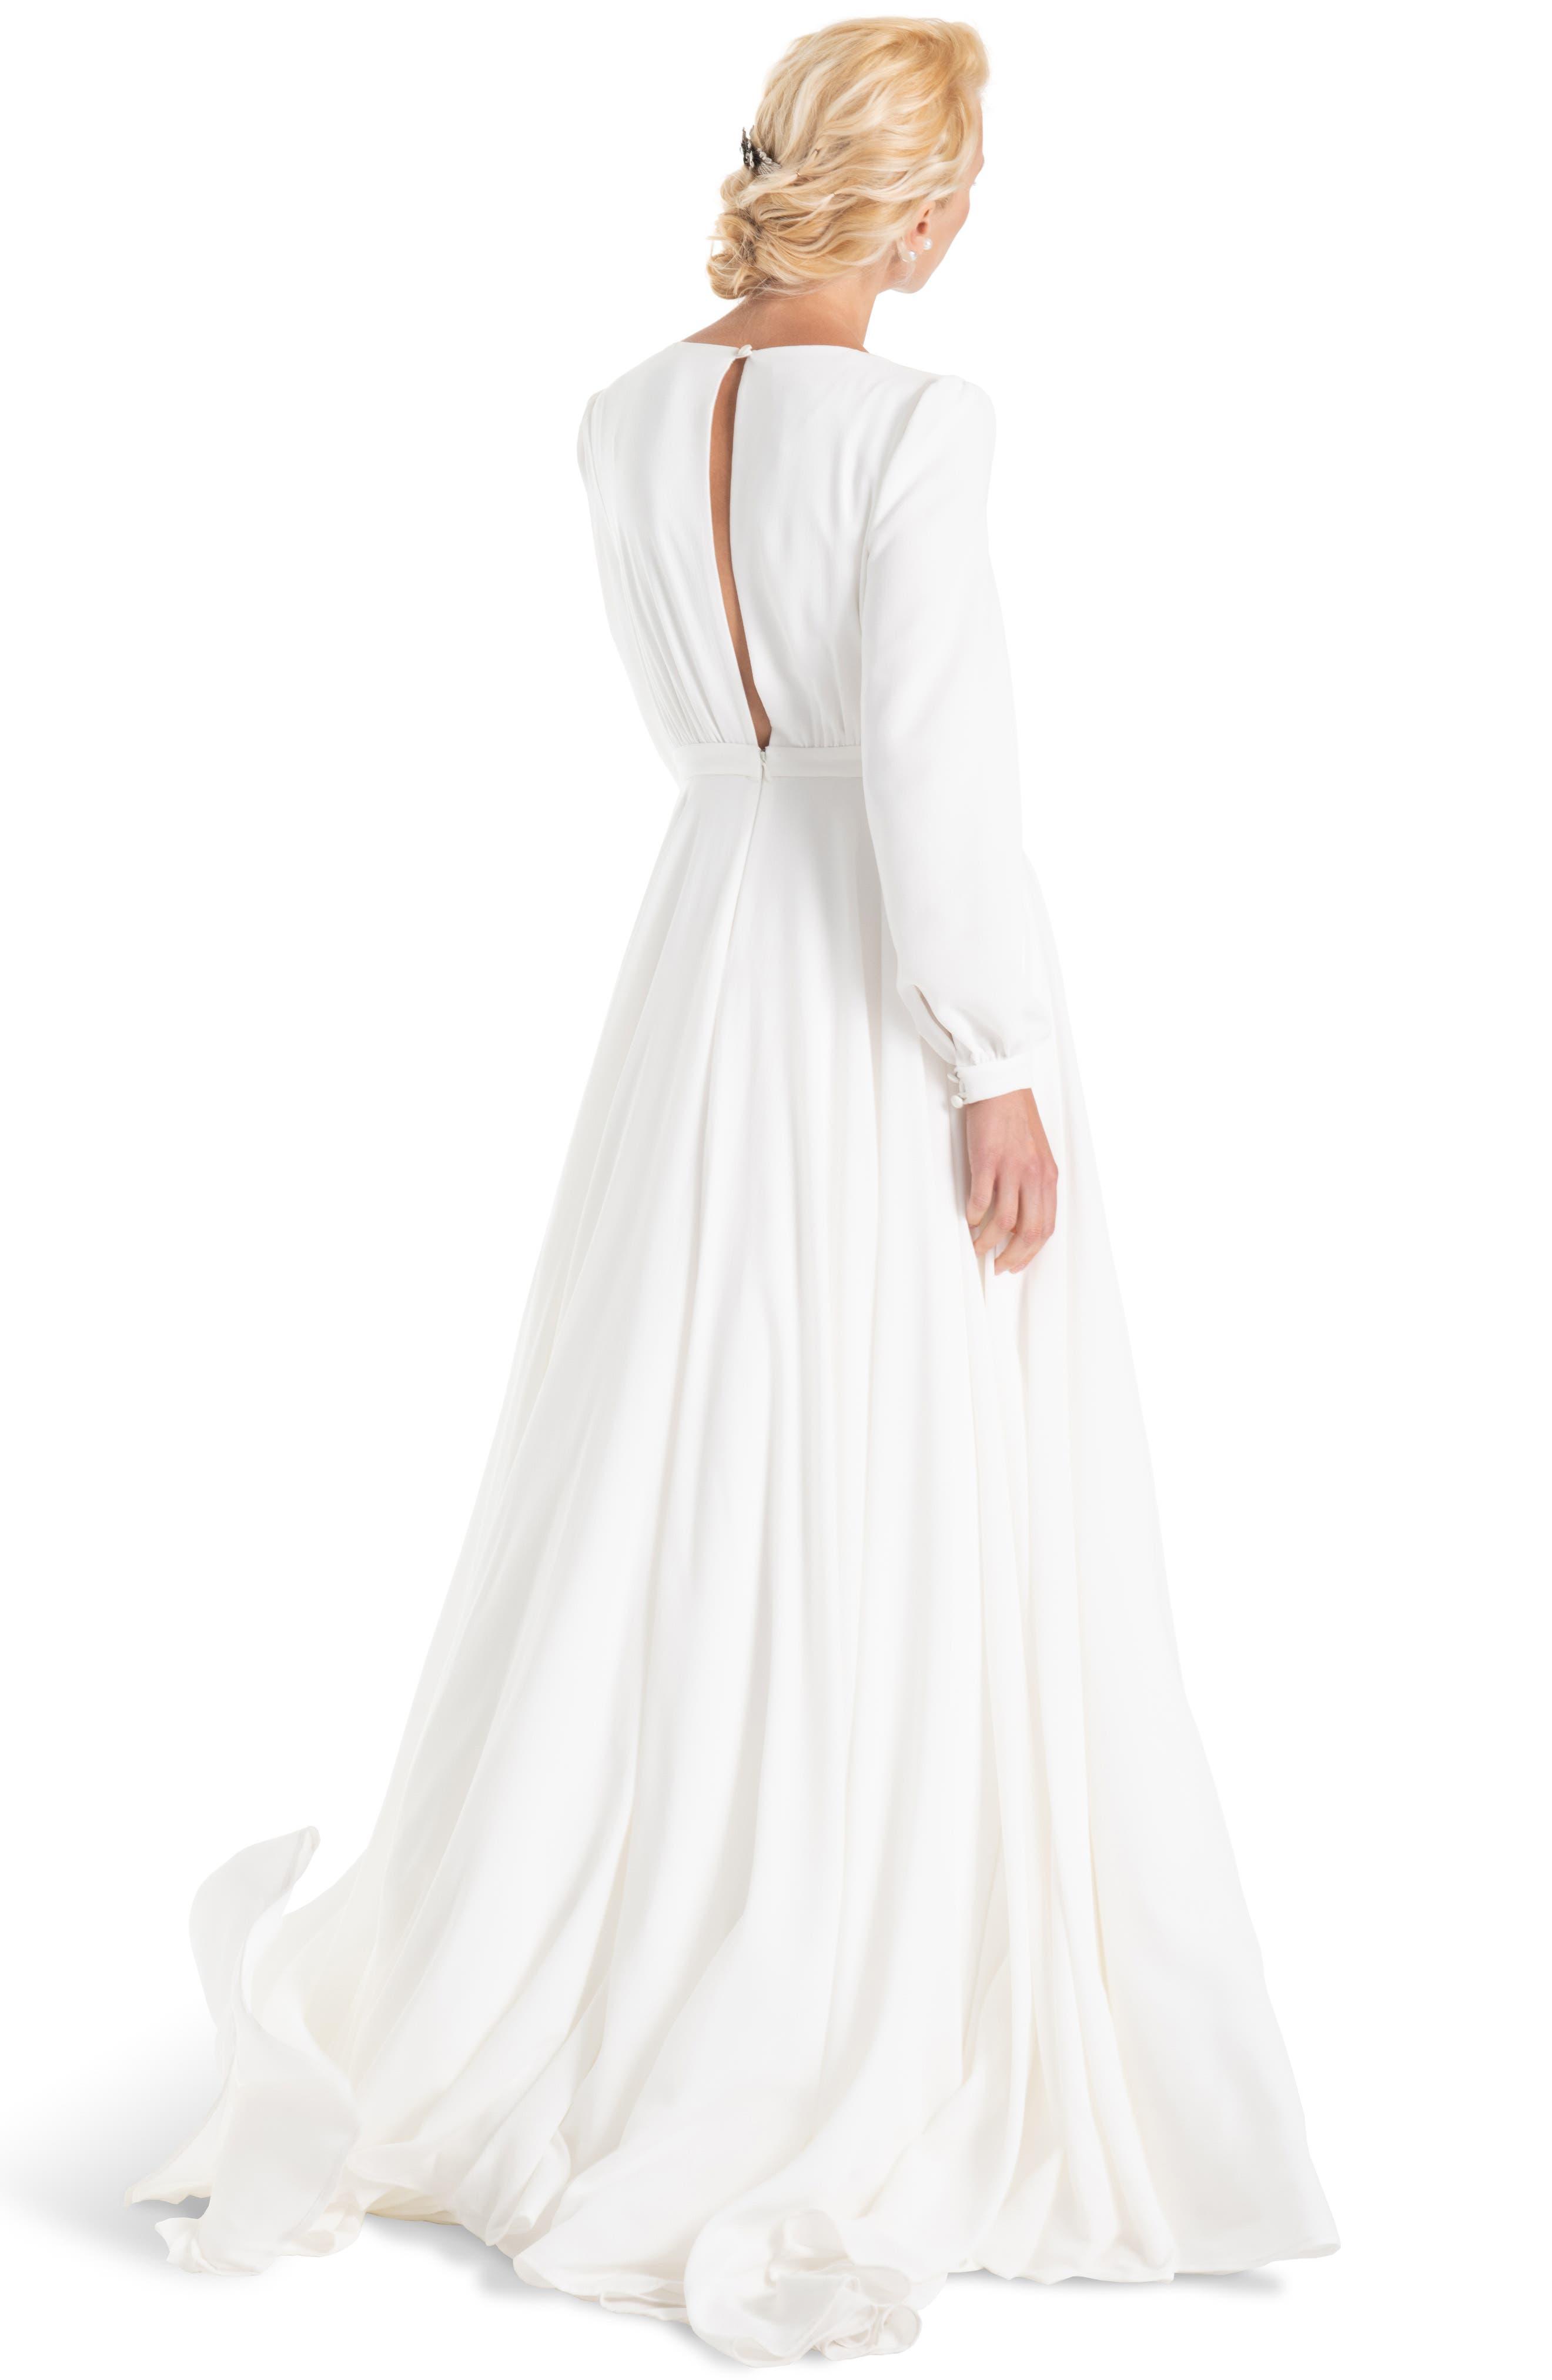 JOANNA AUGUST, Floyd V-Neck Long Sleeve Gown, Alternate thumbnail 2, color, WHITE